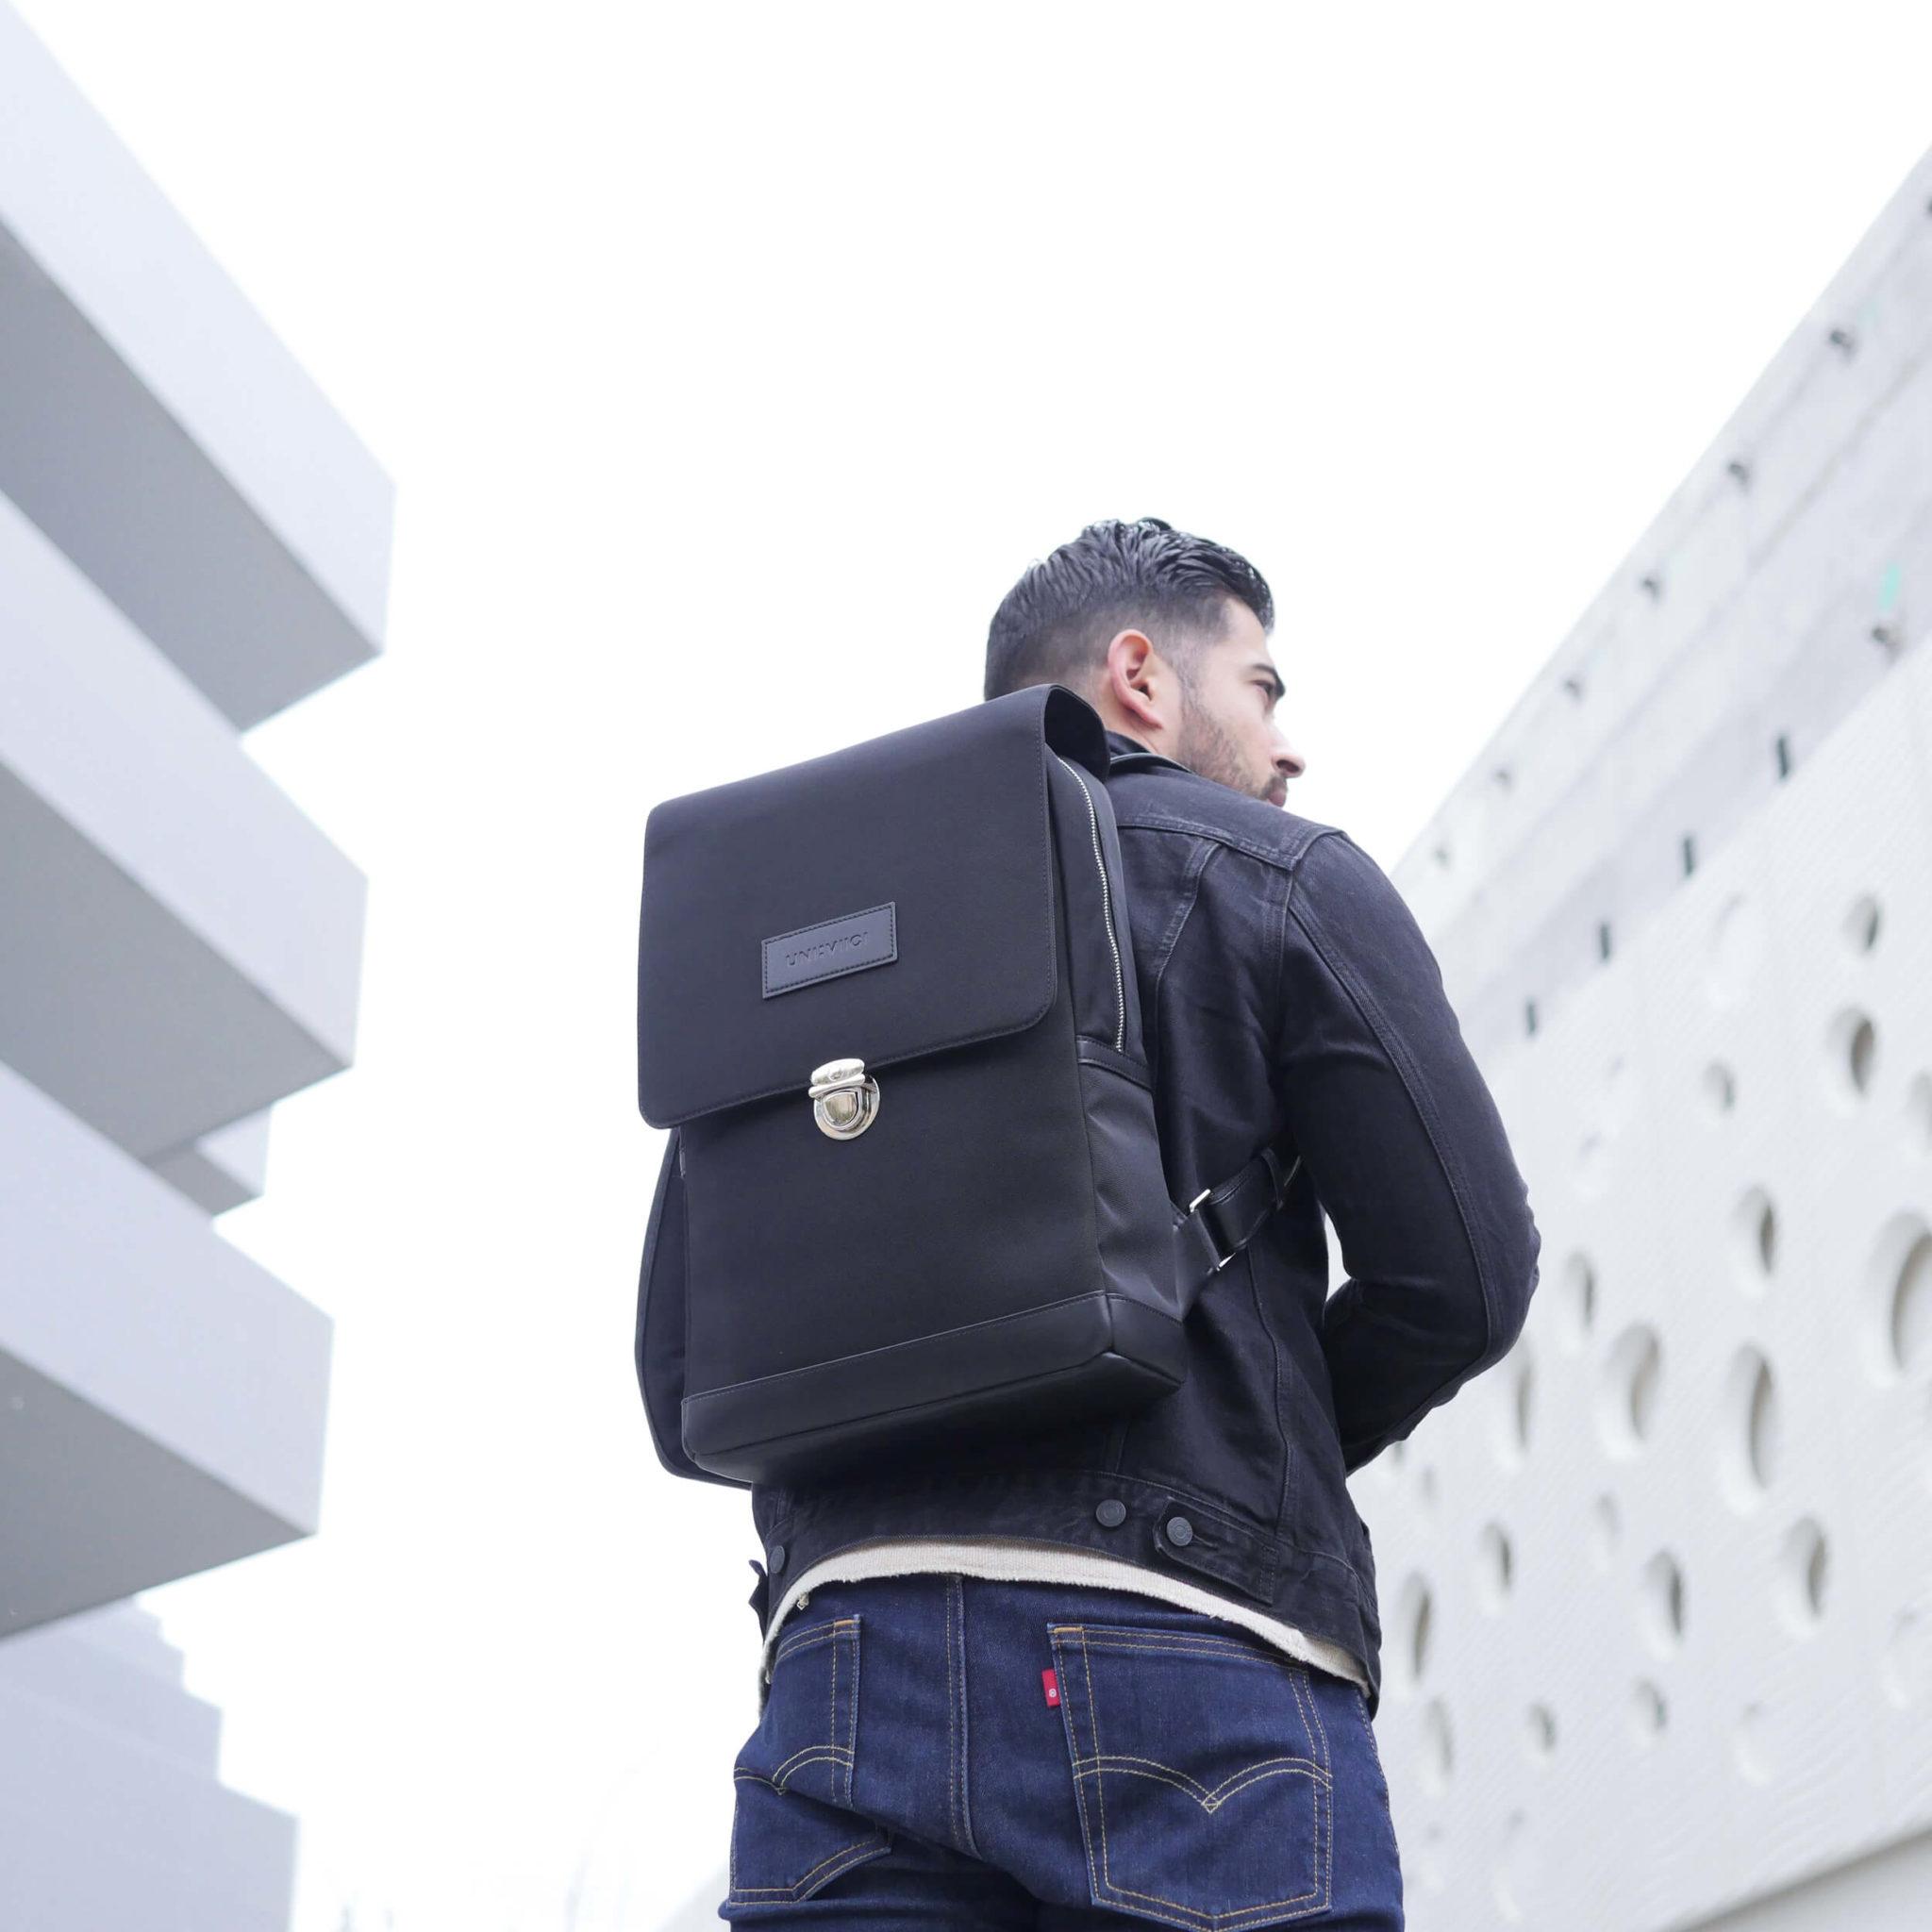 UNI:VIICI | sac à dos EQUILO black1 | EQUILO NOIR